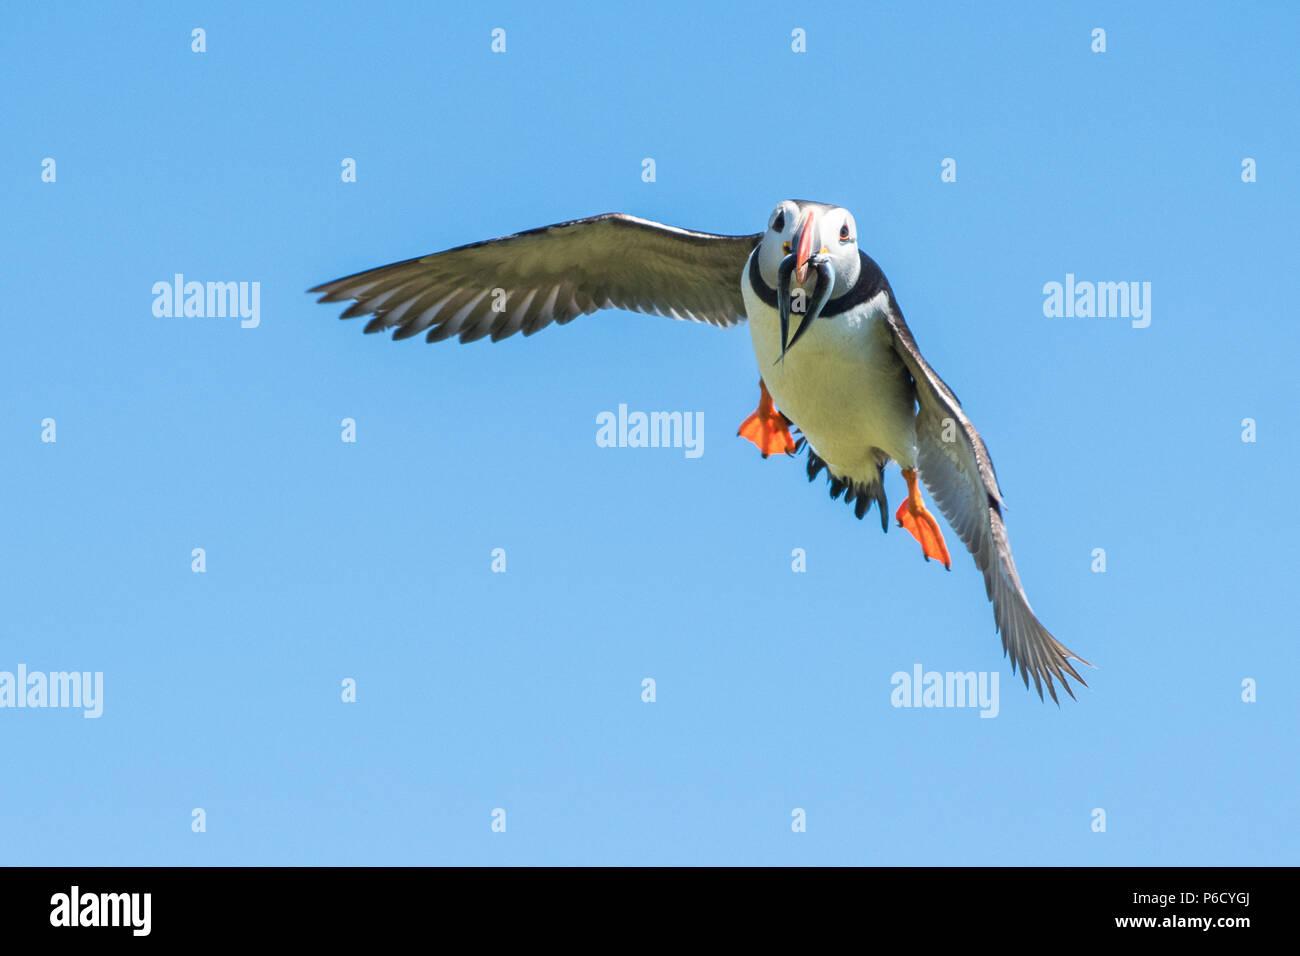 - Macareux Macareux moine - voler avec bec plein de poissons anguille de sable - Fratercula arctica - en vol, à l'île de mai, Ecosse, Royaume-Uni Banque D'Images